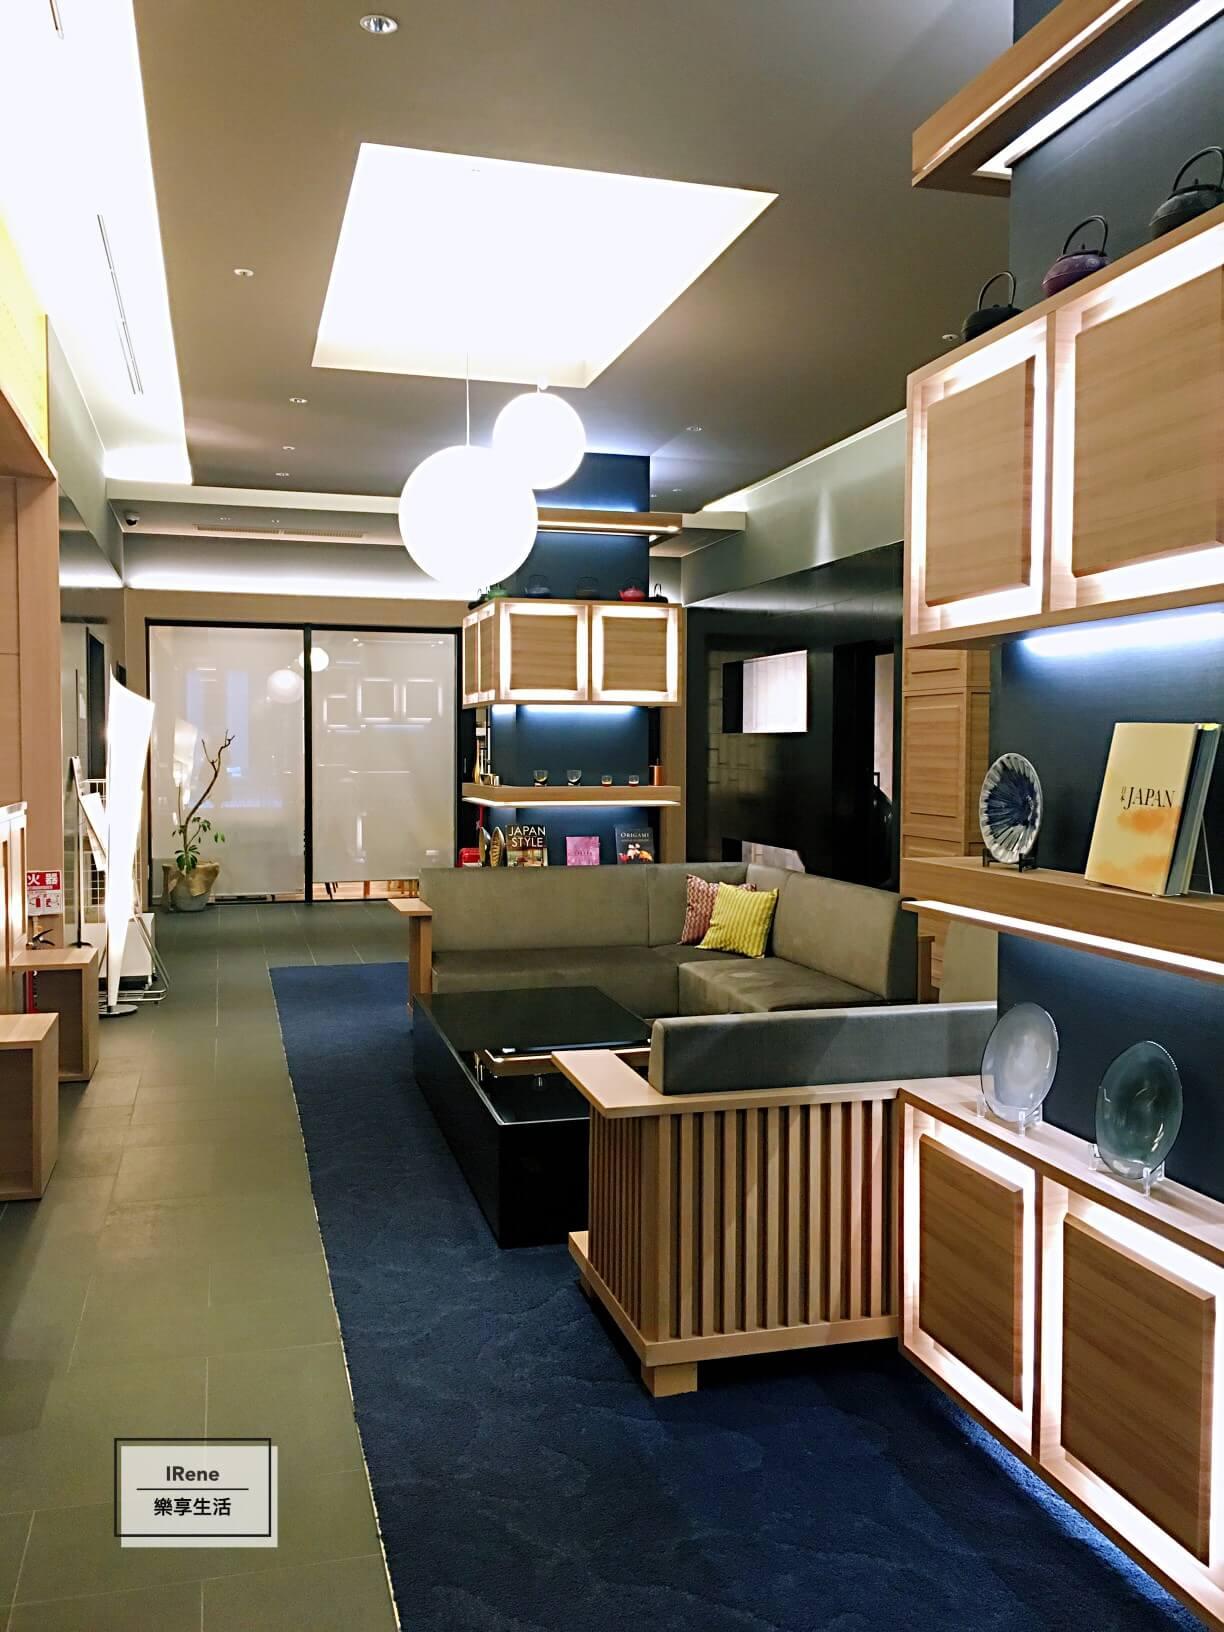 名古屋住宿推薦-名古屋錦酒店